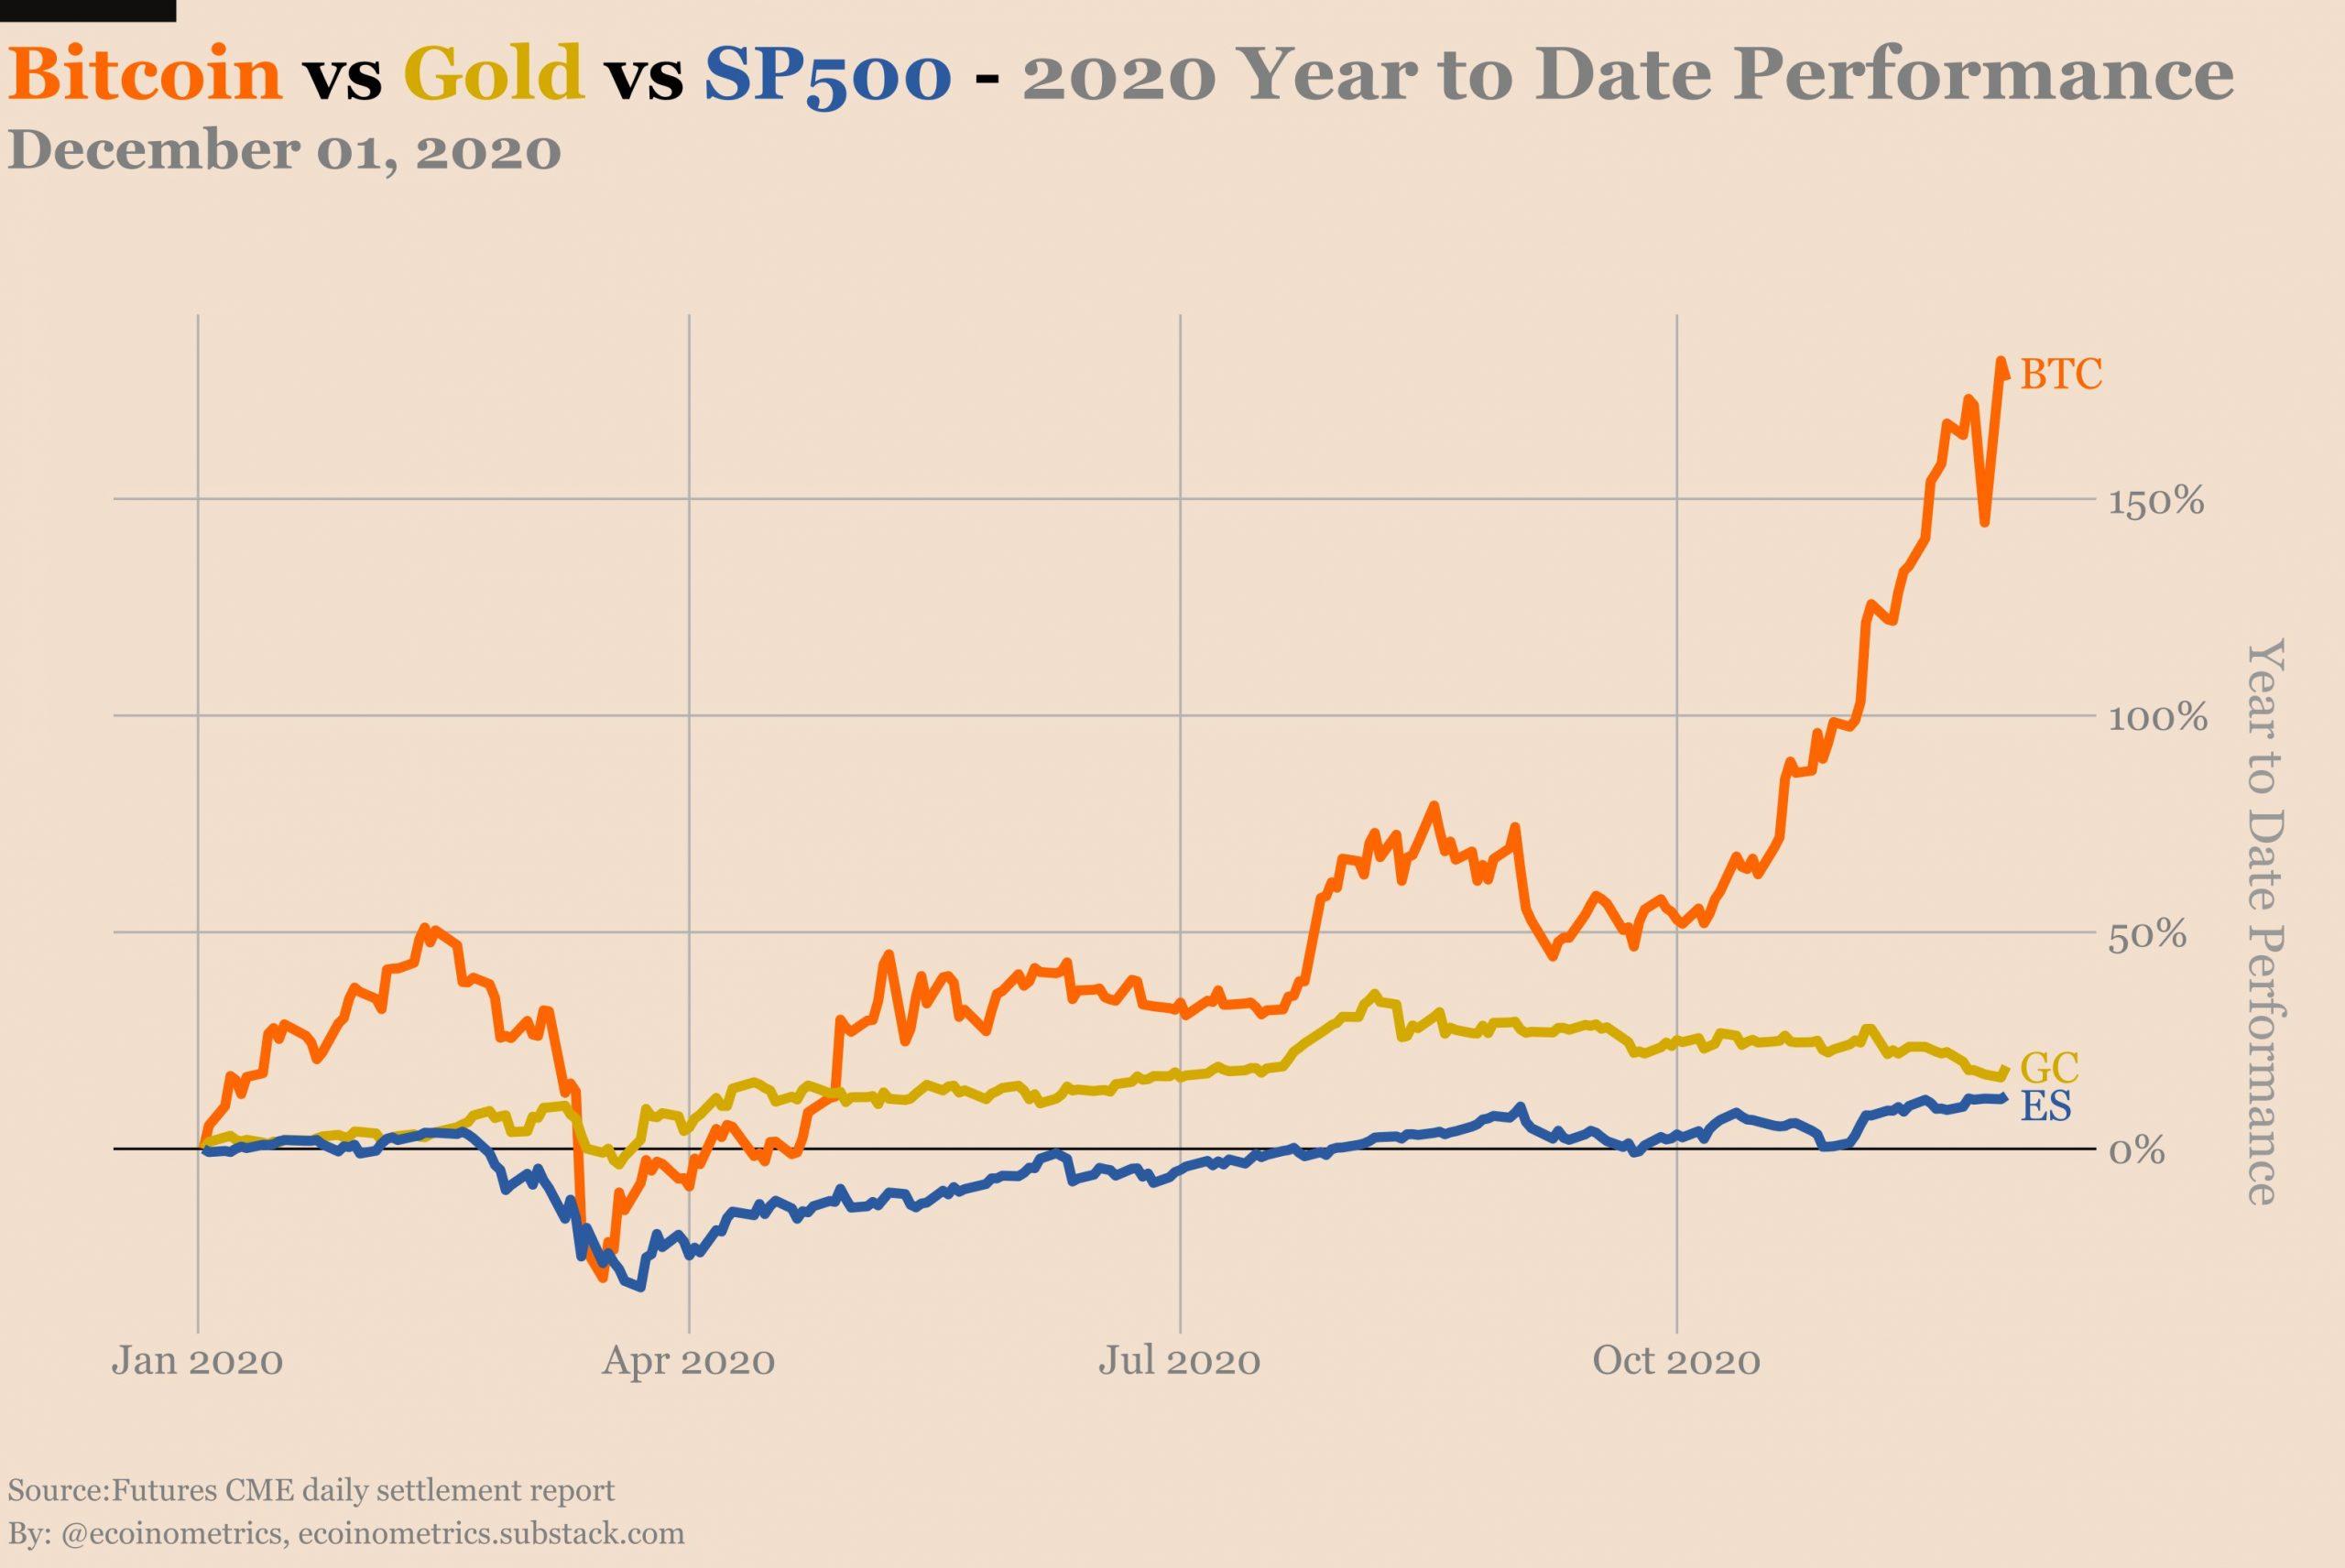 Hiệu suất của BTC so với Vàng so với S & P500